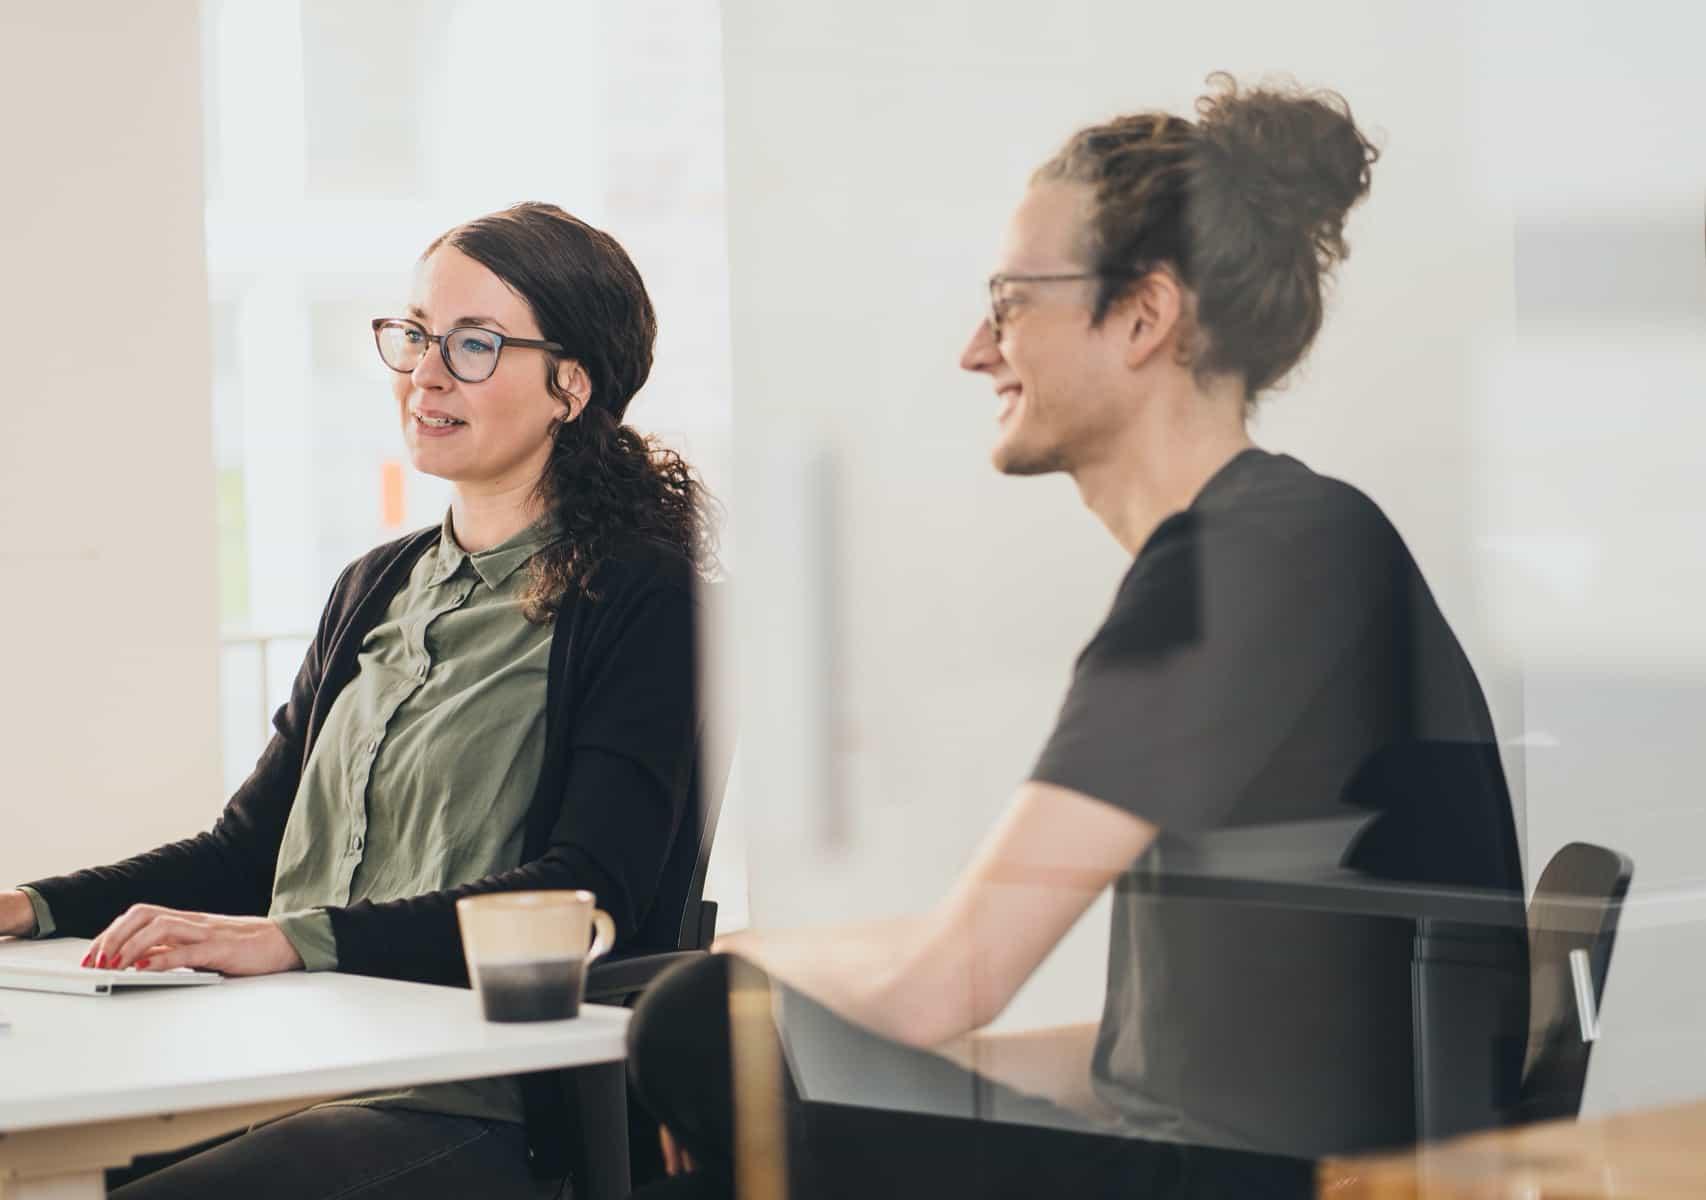 Tina und Nik bei der Arbeit am Schreibtisch